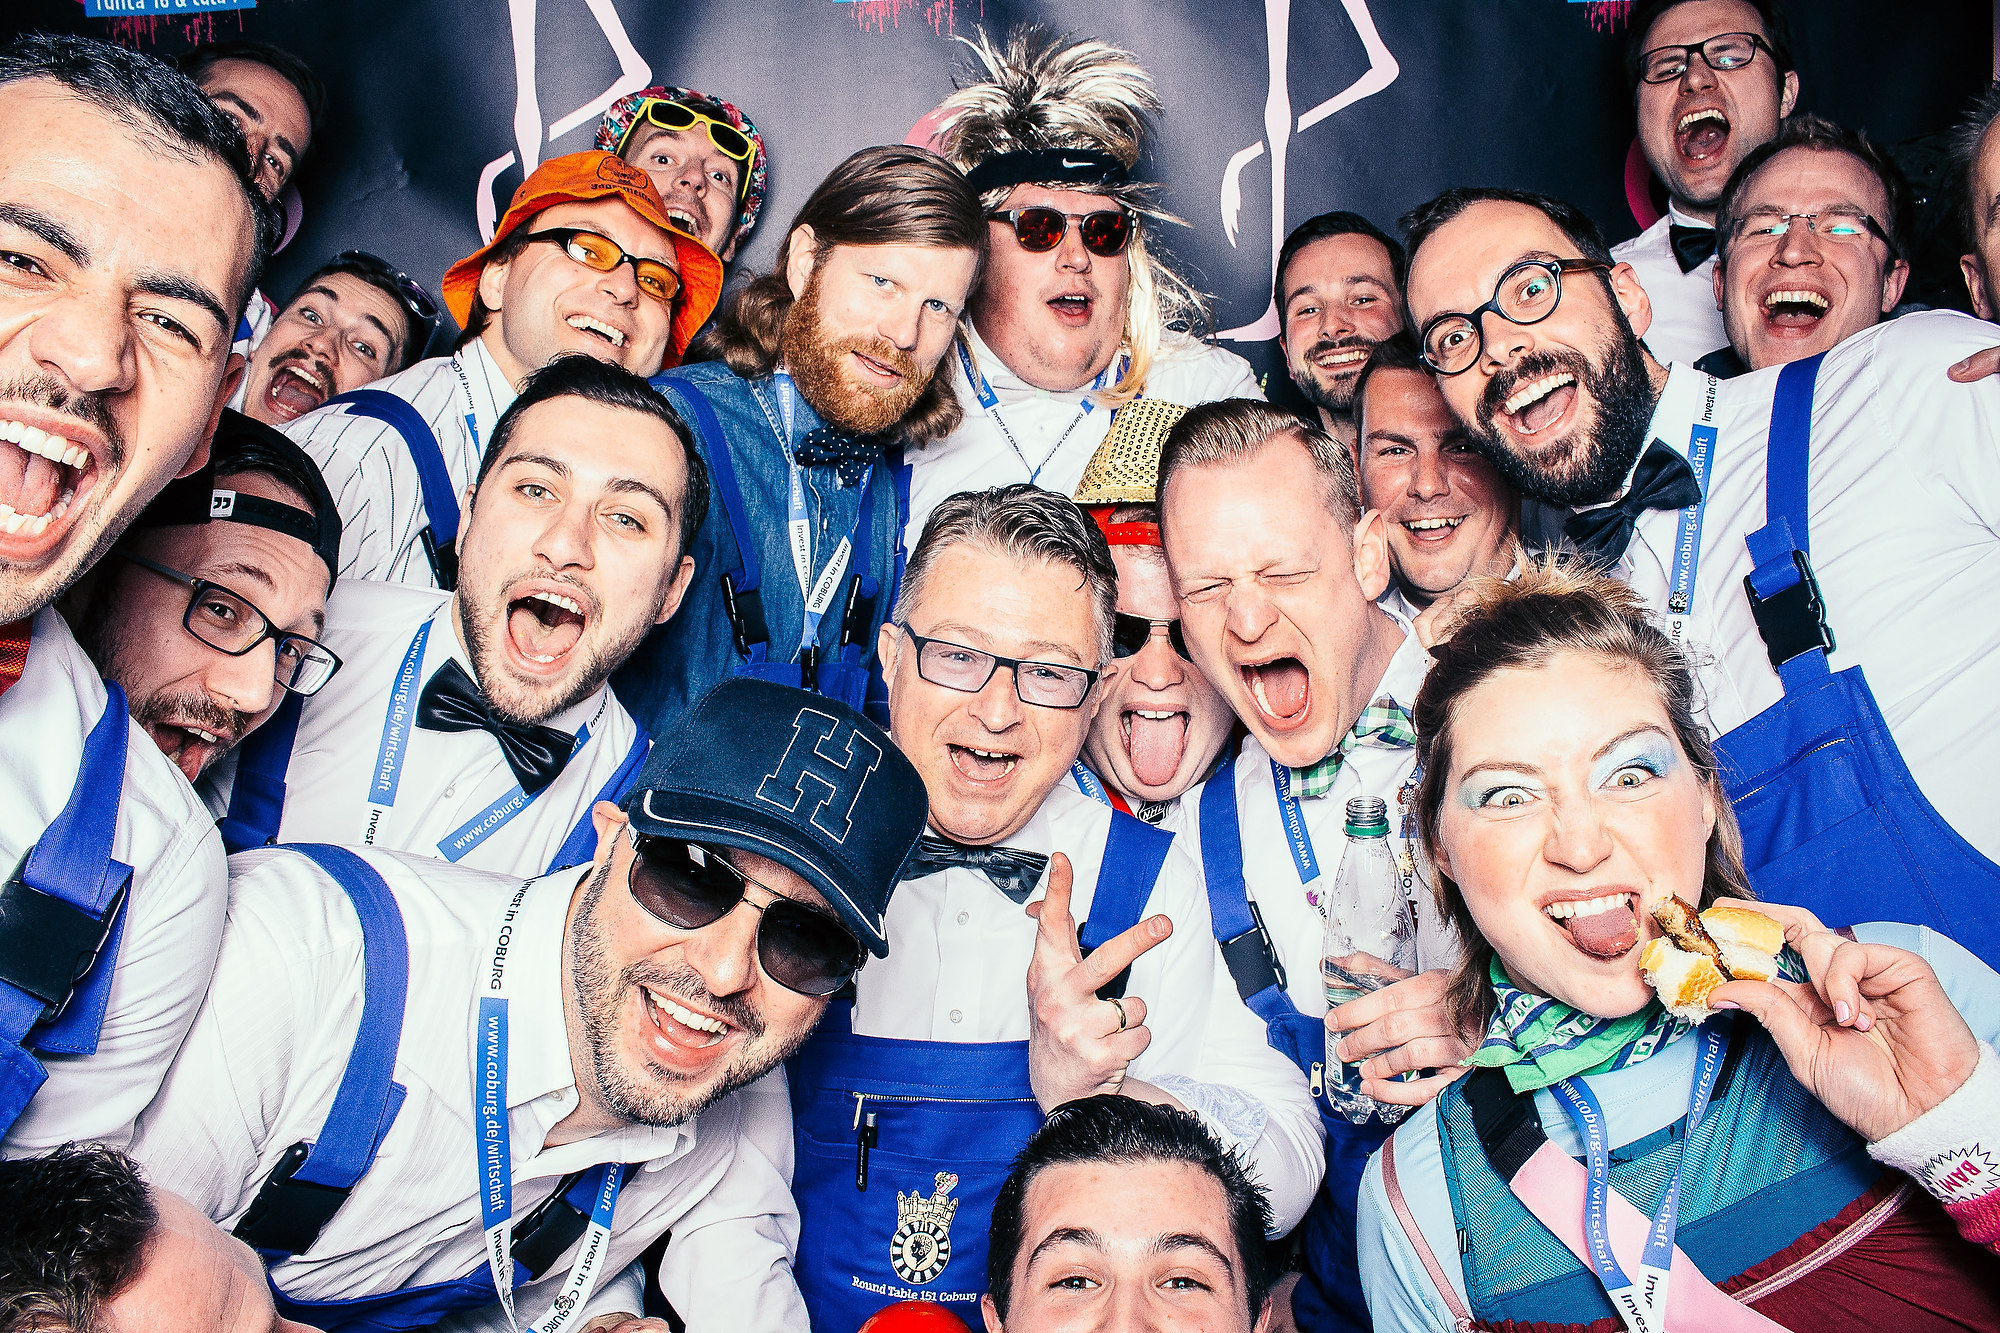 Photobooth - der Partyspaß das Eventkonzept. Außergewöhnliche Partybilder für jedes Event ein Erfolg.